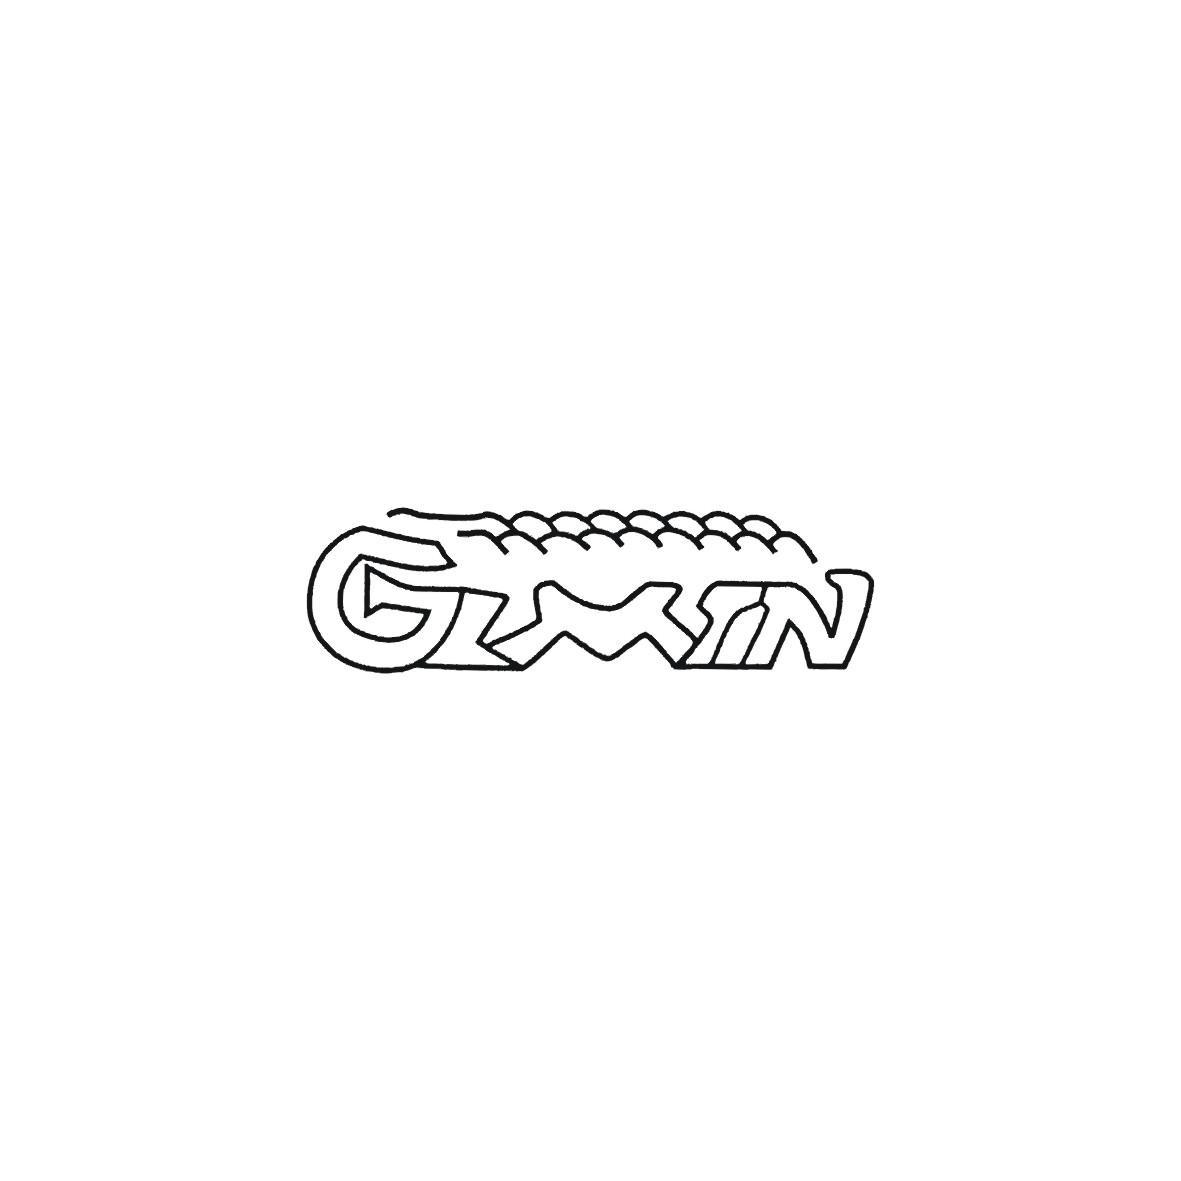 24类-纺织制品GLMTN商标转让